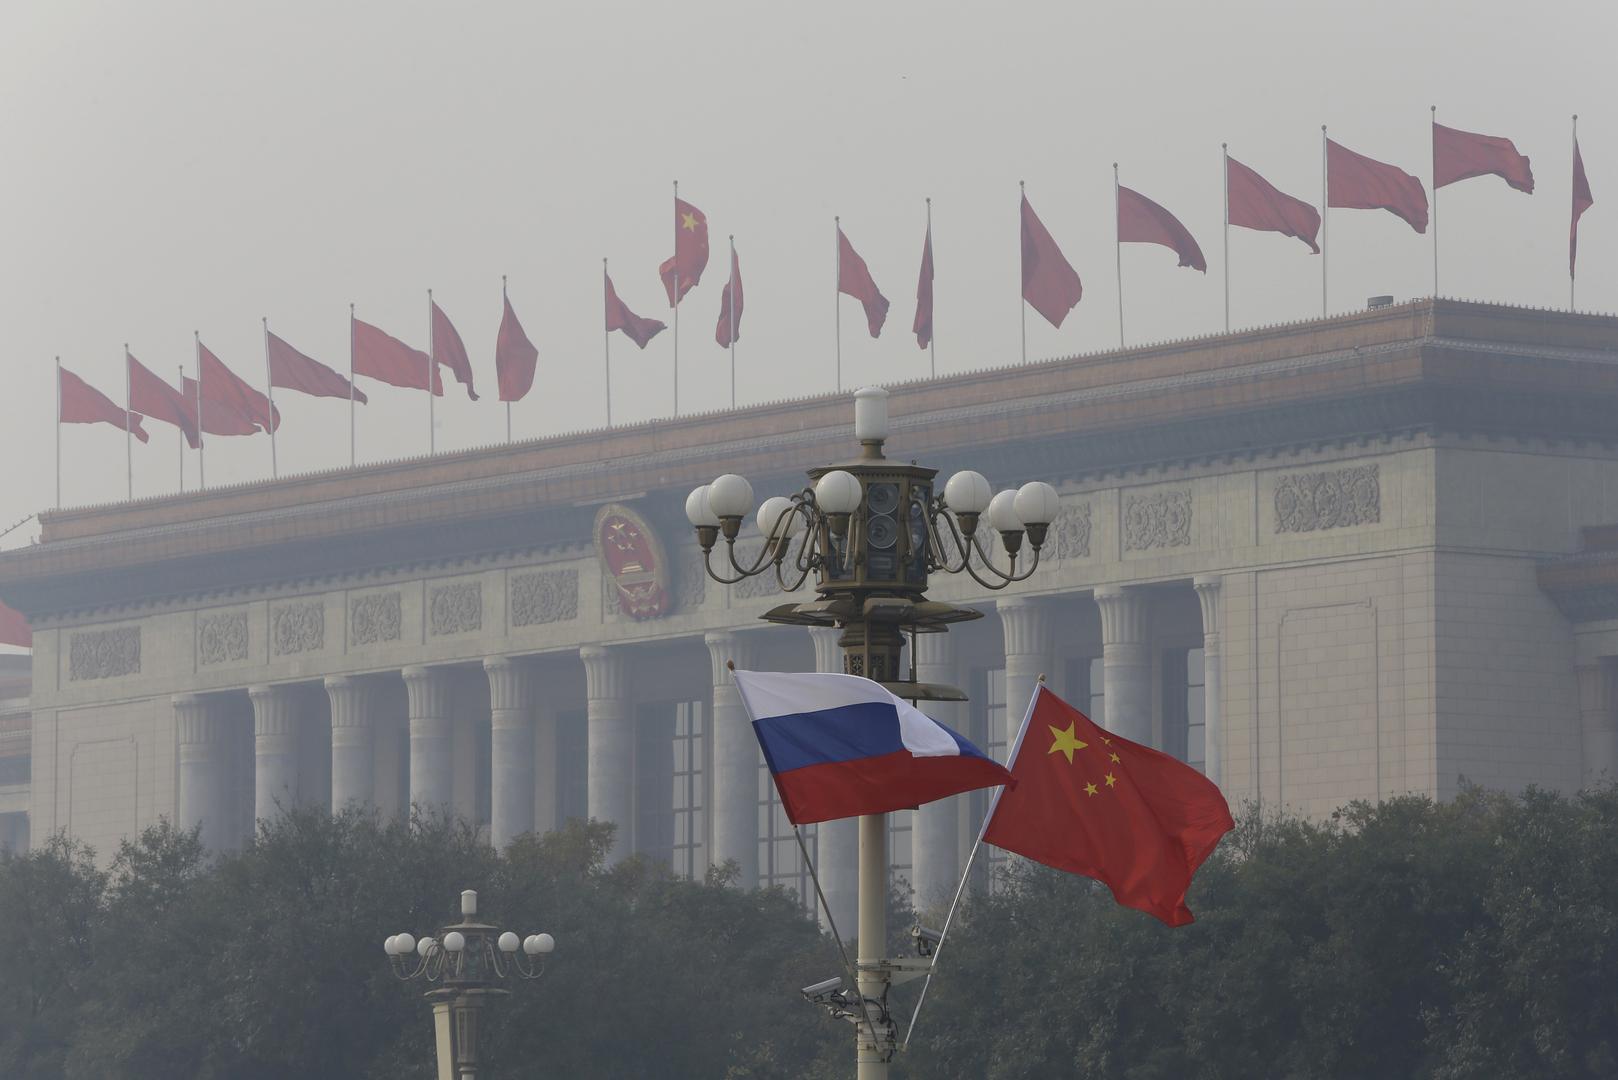 نحو 9 مليارات دولار حجم التبادل التجاري بين روسيا والصين في شهرين